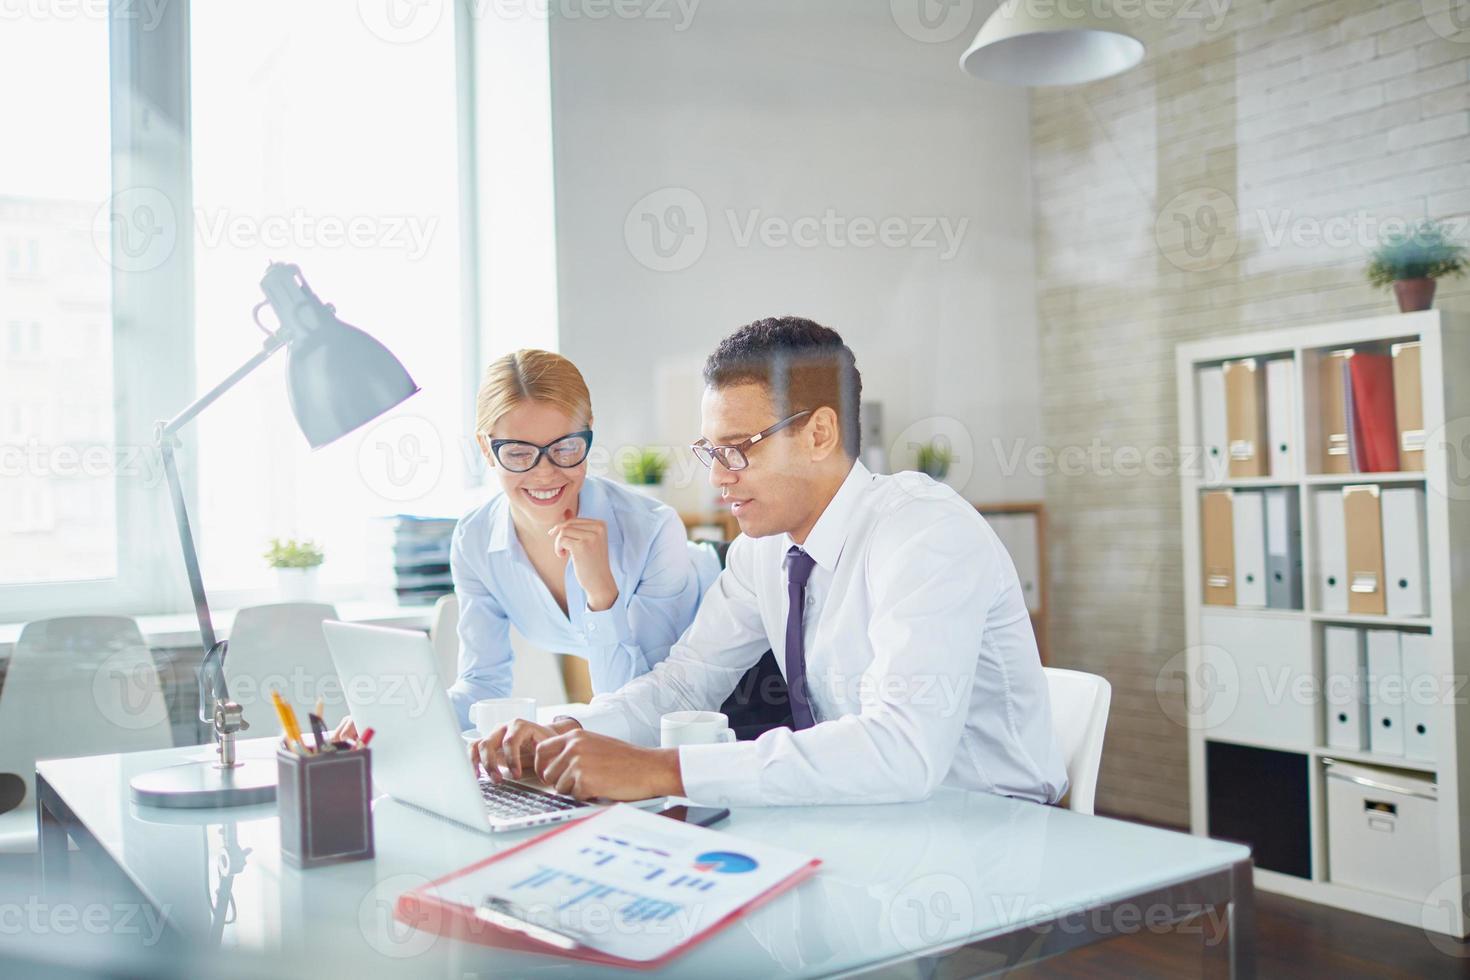 twee kantoormedewerkers foto